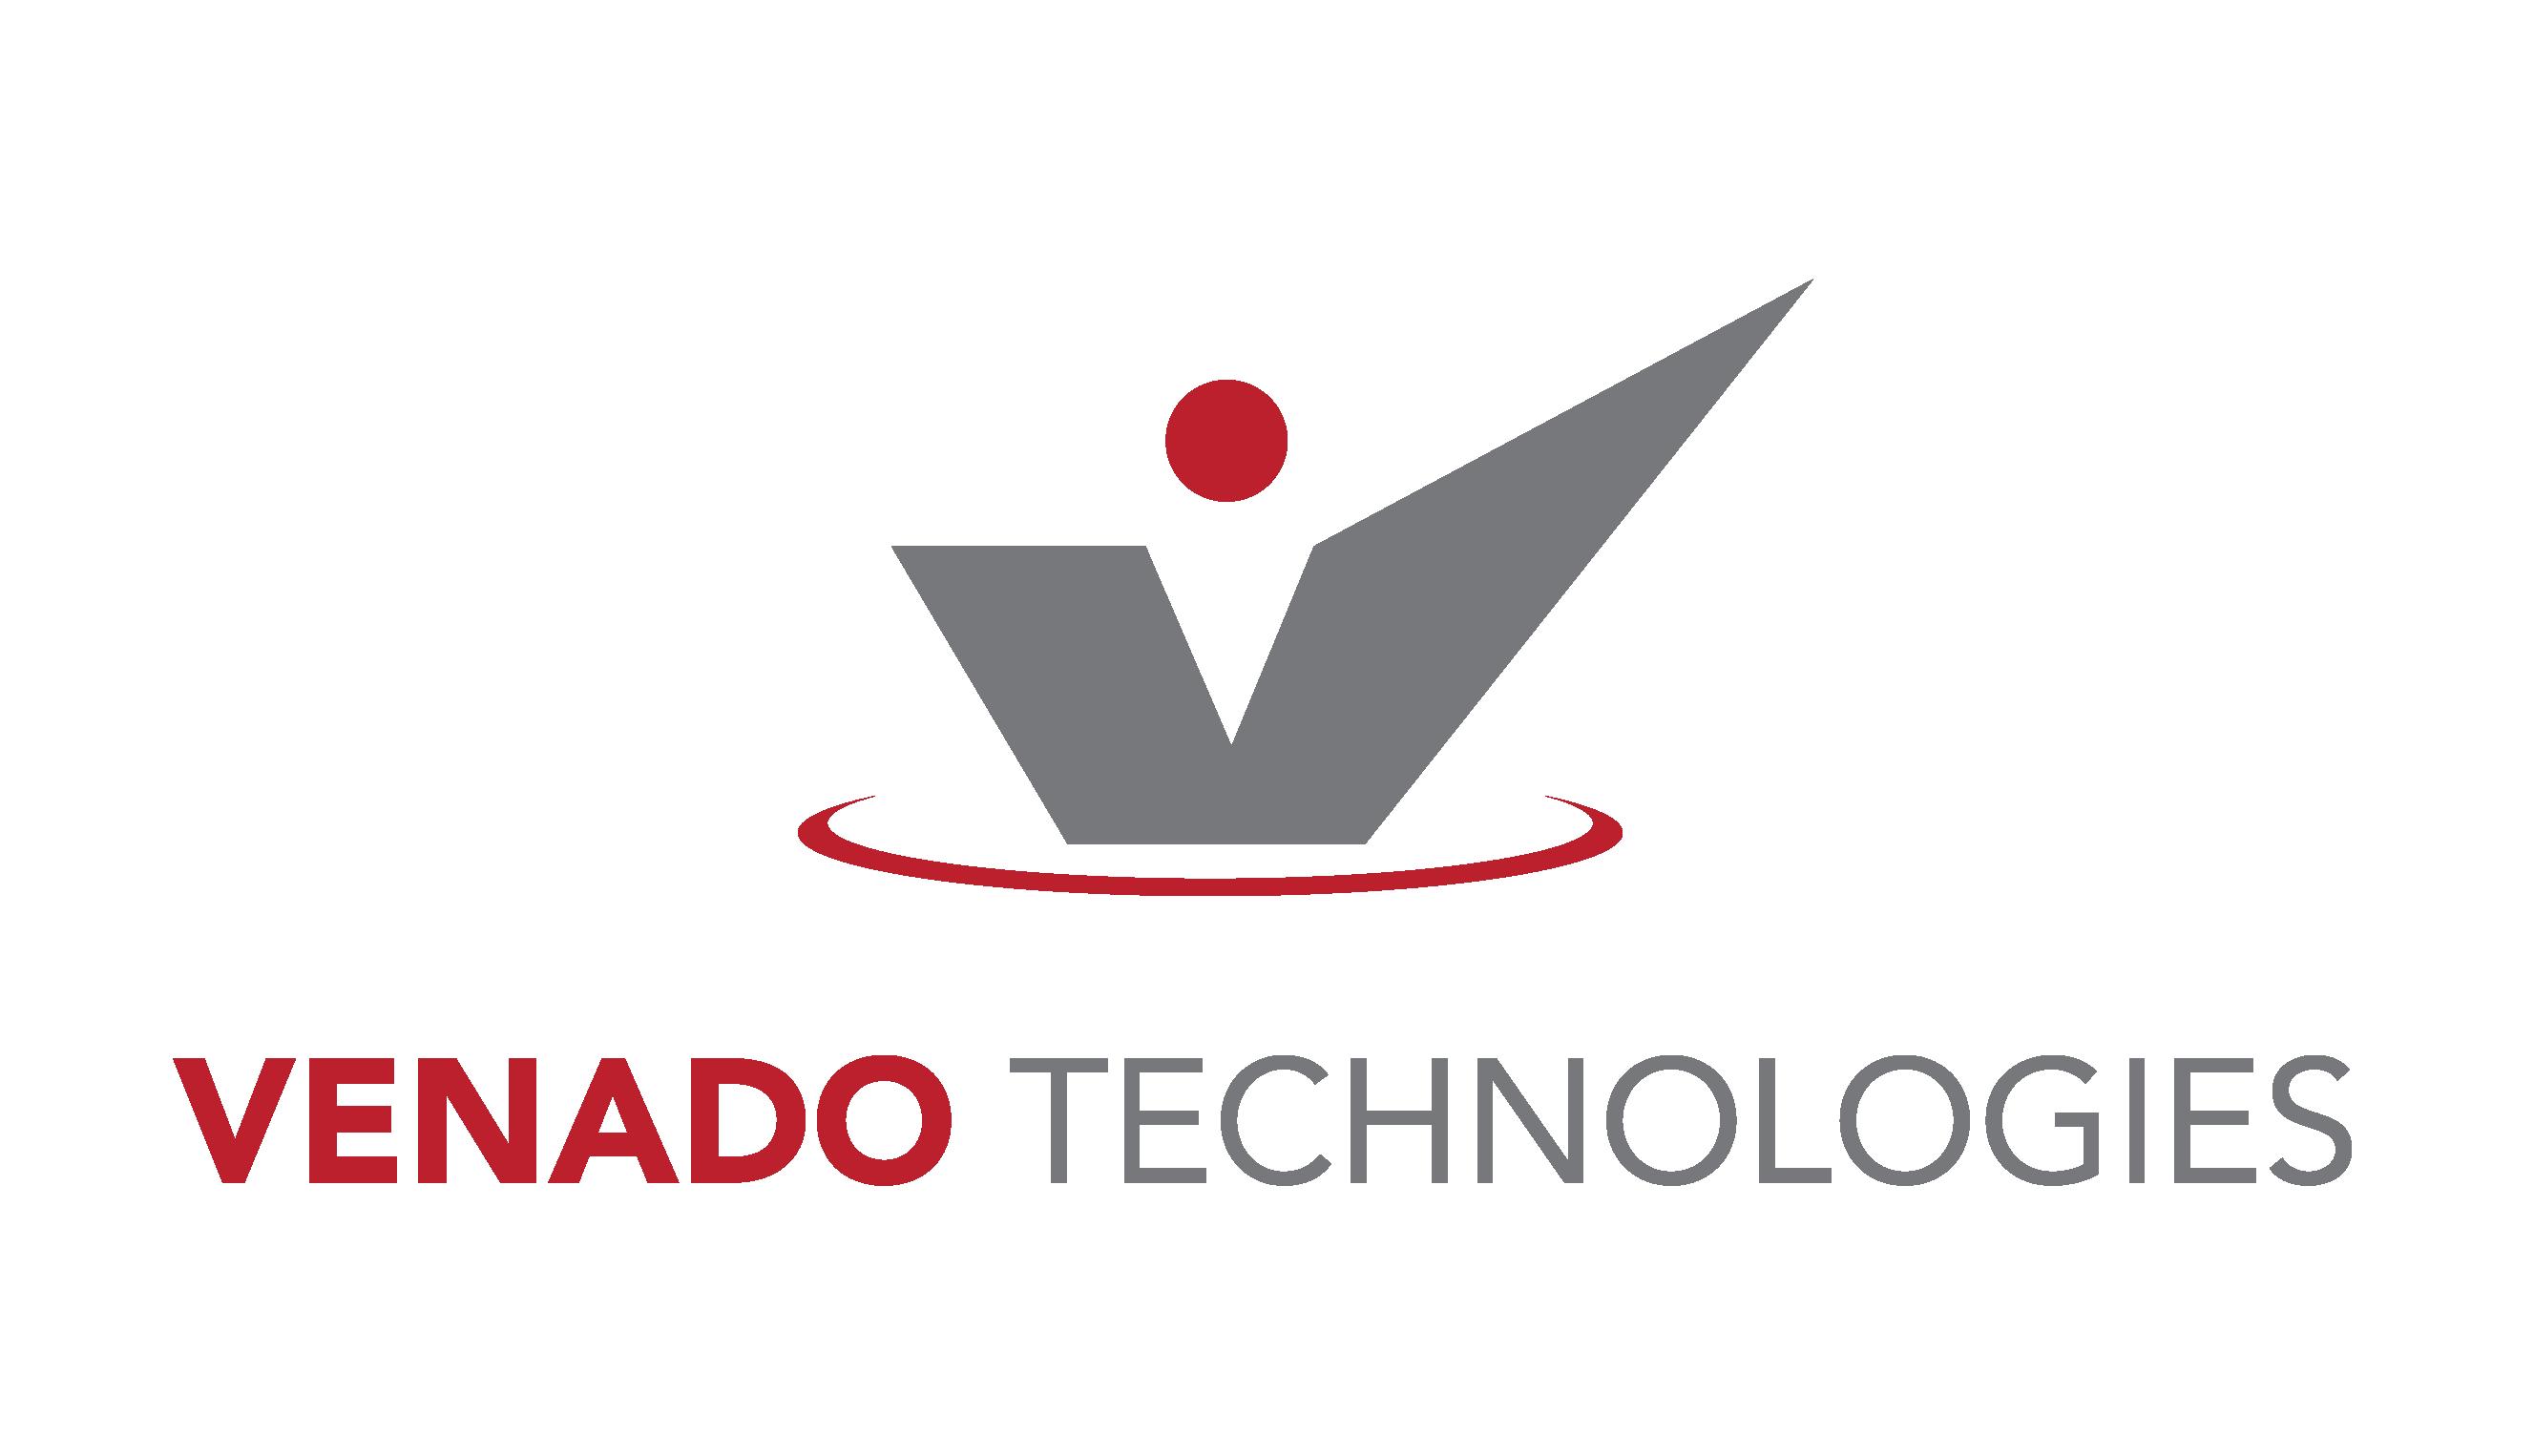 Venado_Logos_0517_Venado_H_color